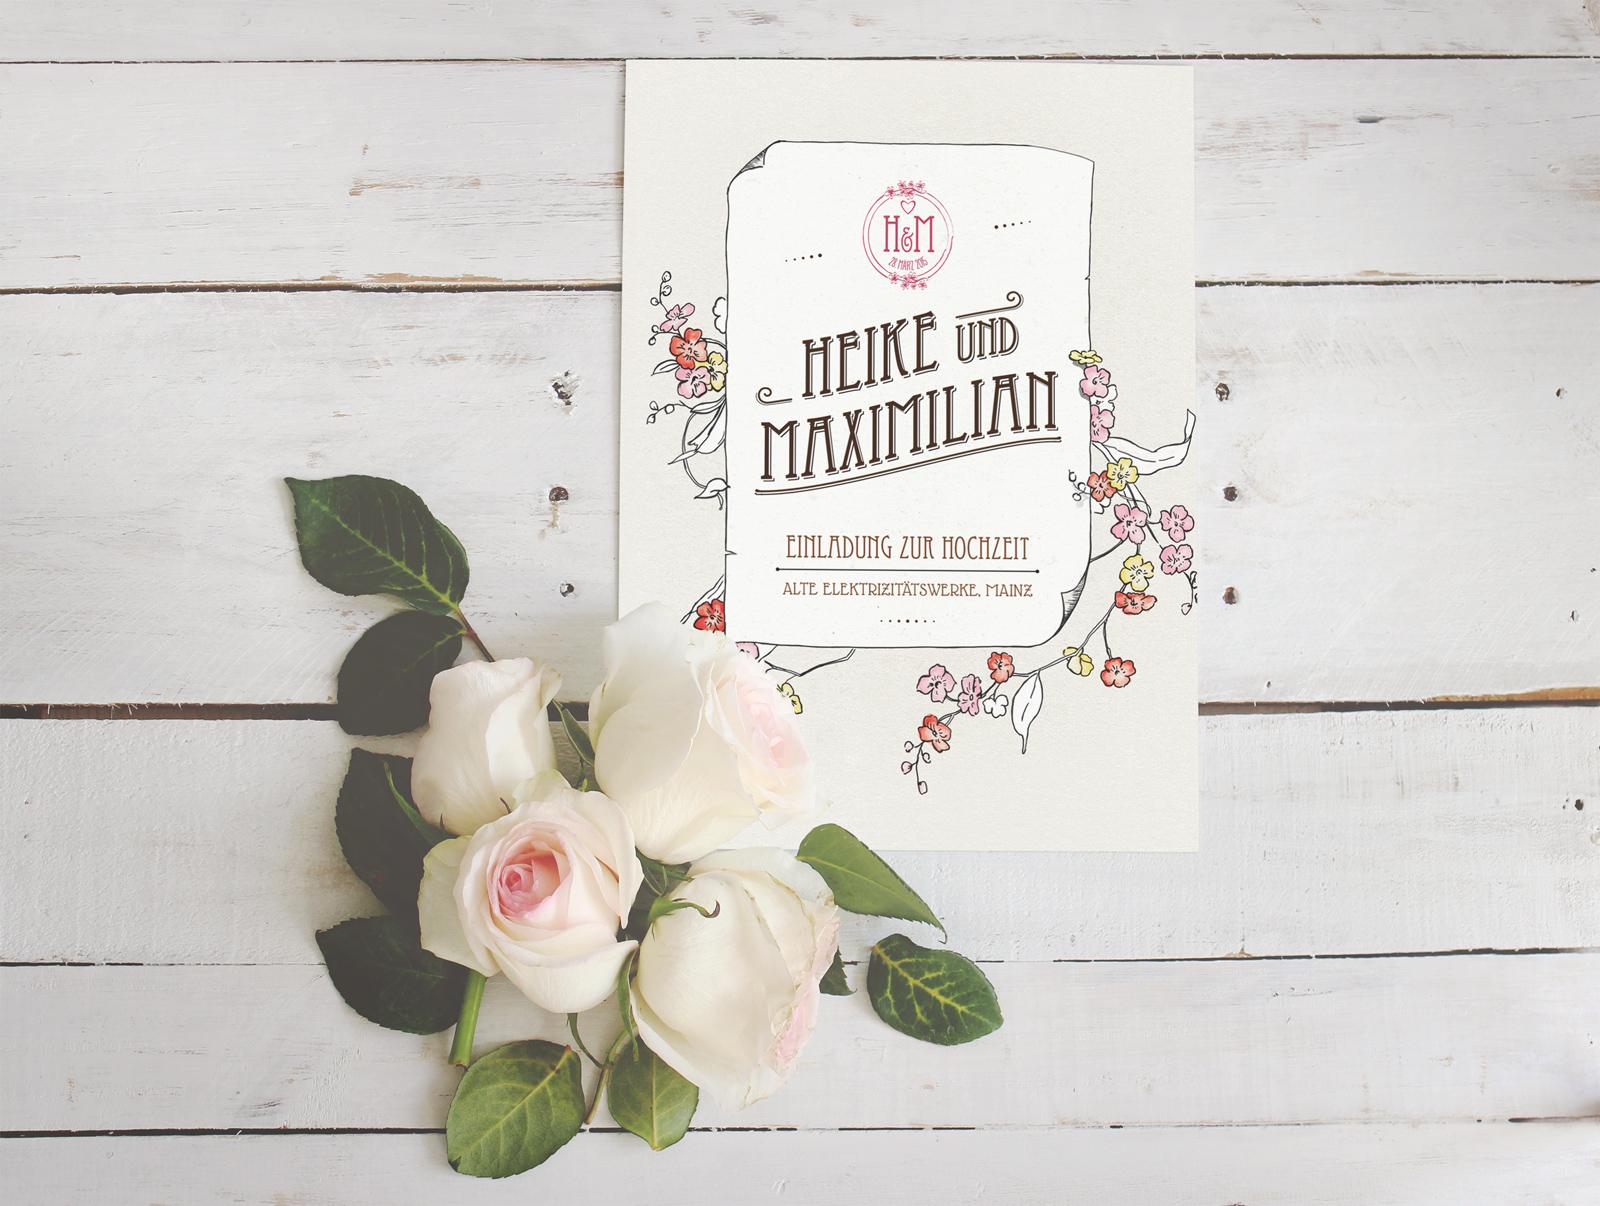 6-Einladung-Paris-Jugendstil-Hochzeitskartendesign-romantisch-vintage-hochzeit-einladung2